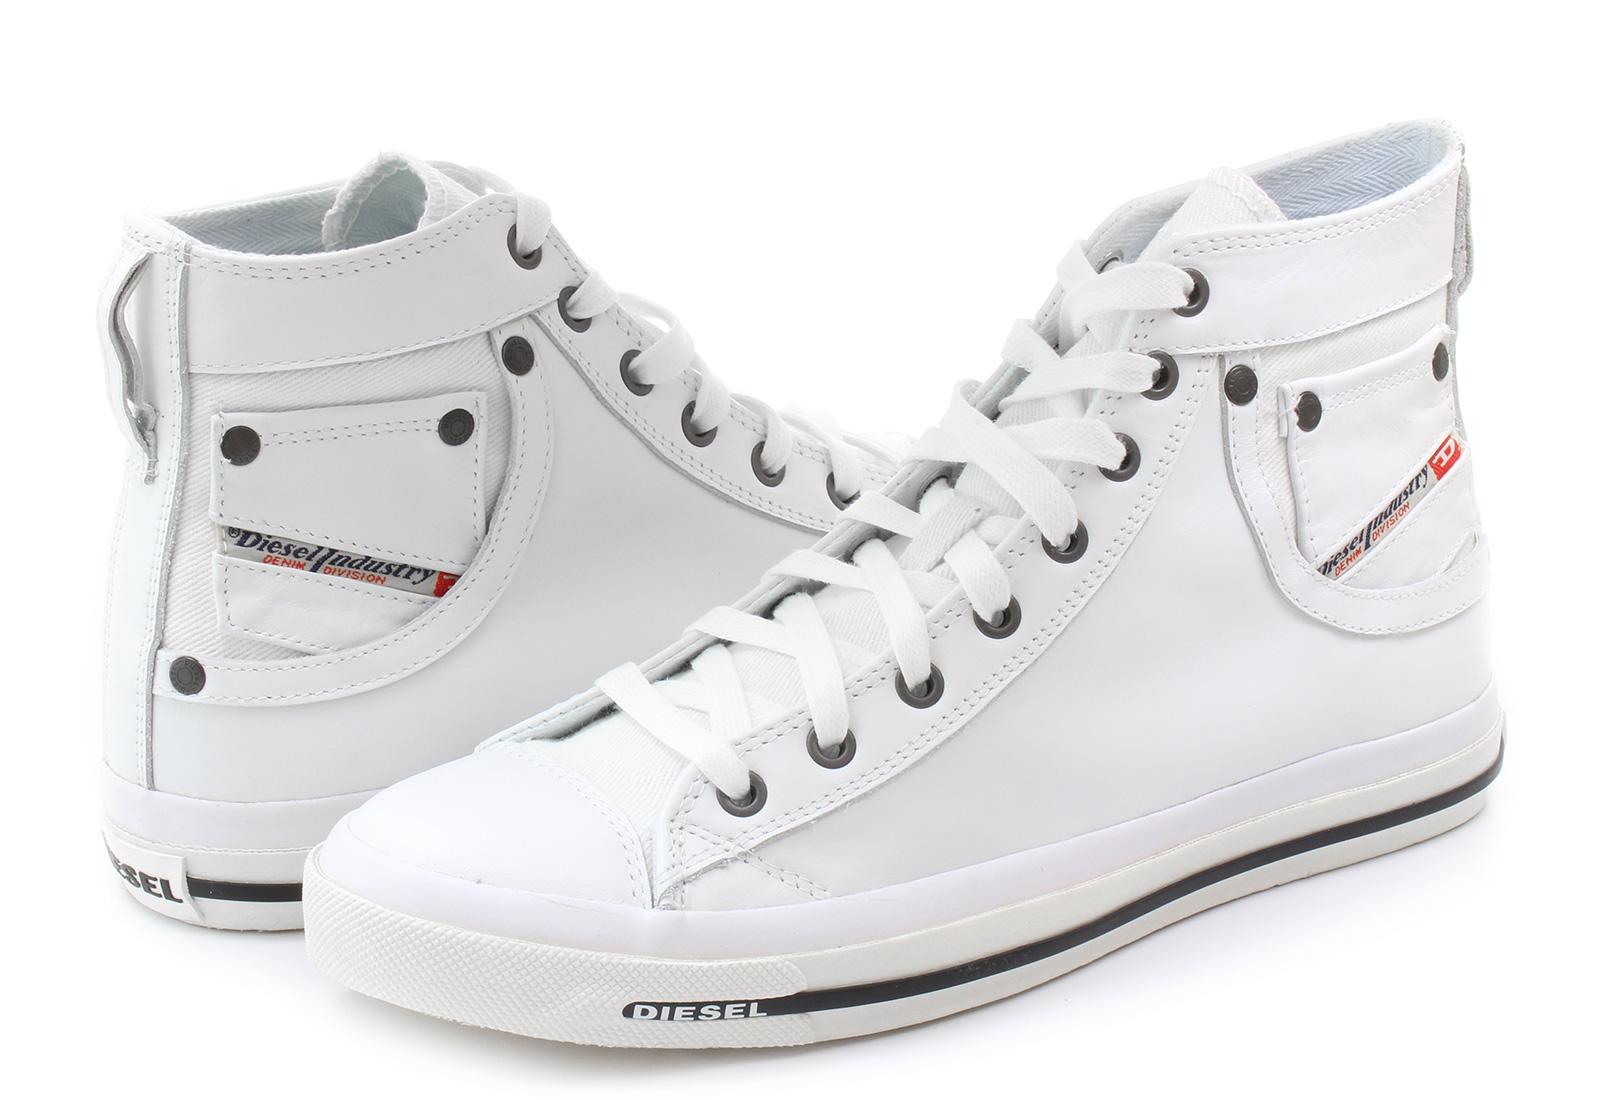 Diesel Cipő - Exposure I - 023-052-1003 - Office Shoes Magyarország a27884c394